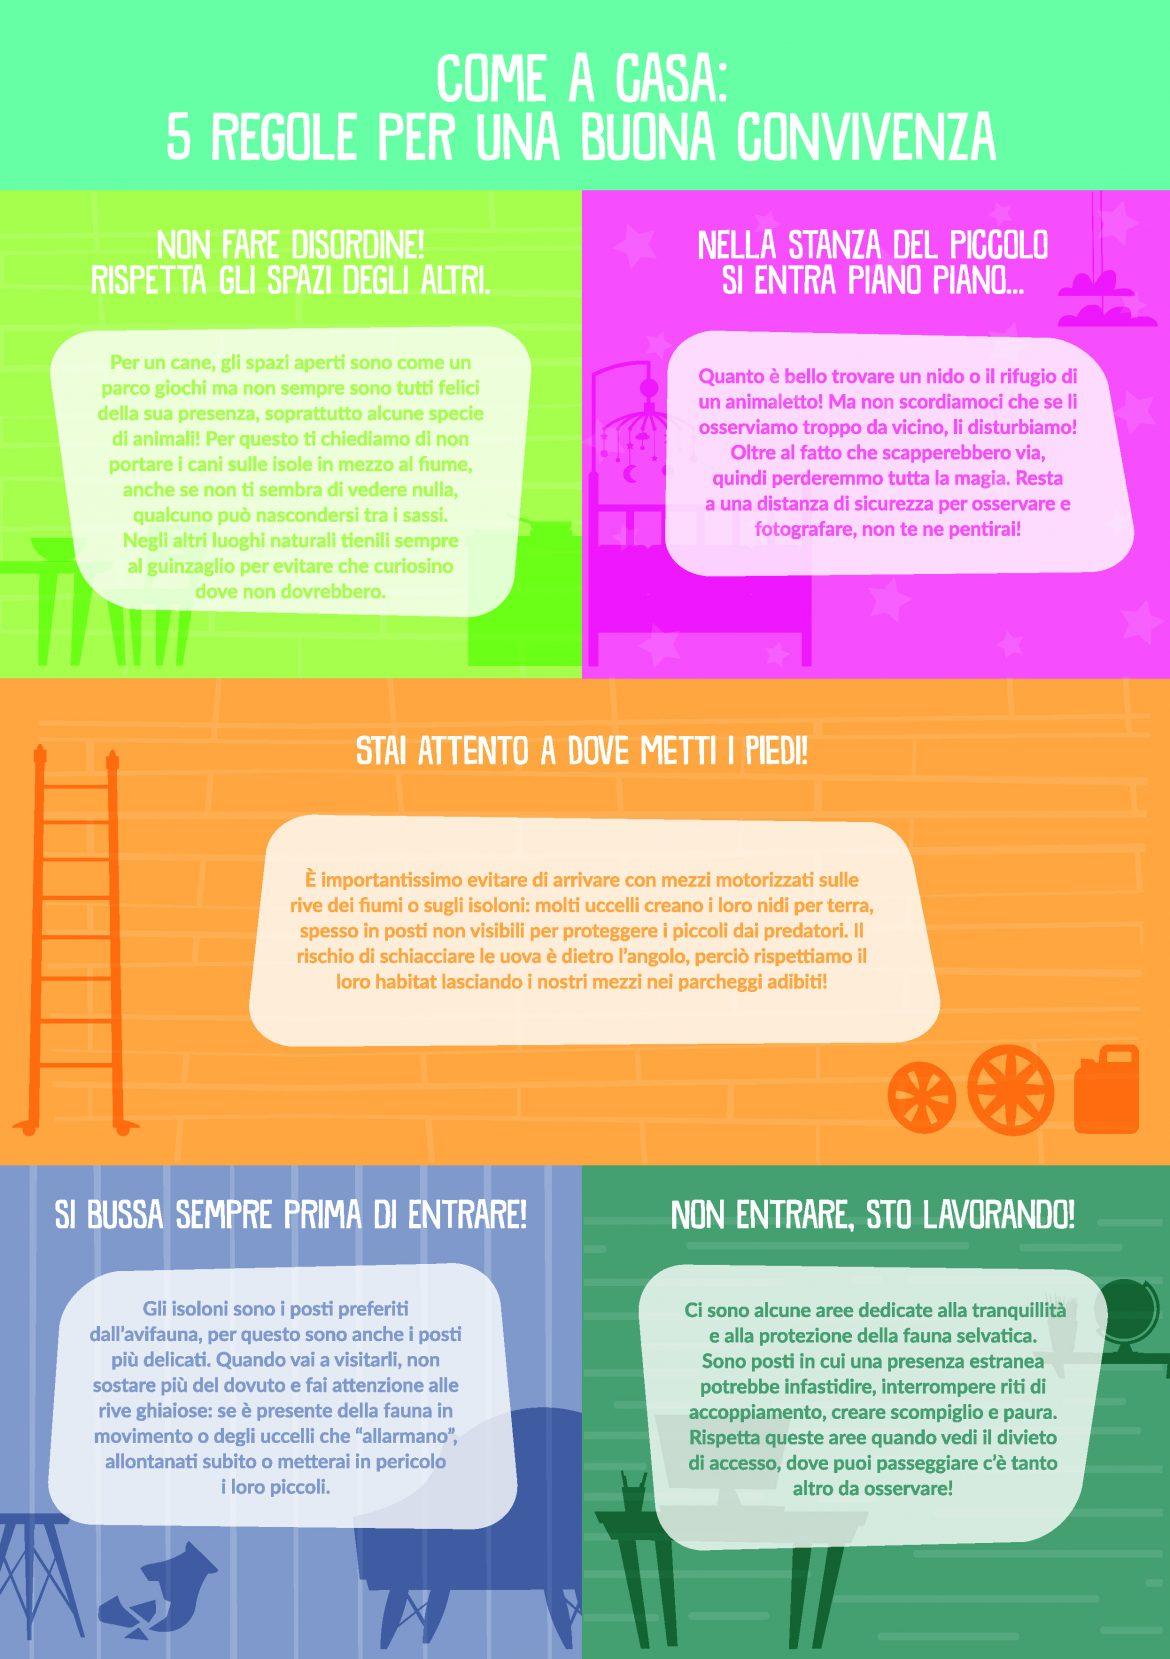 5-regole-per-una-buona-convivenza-fiume.jpg